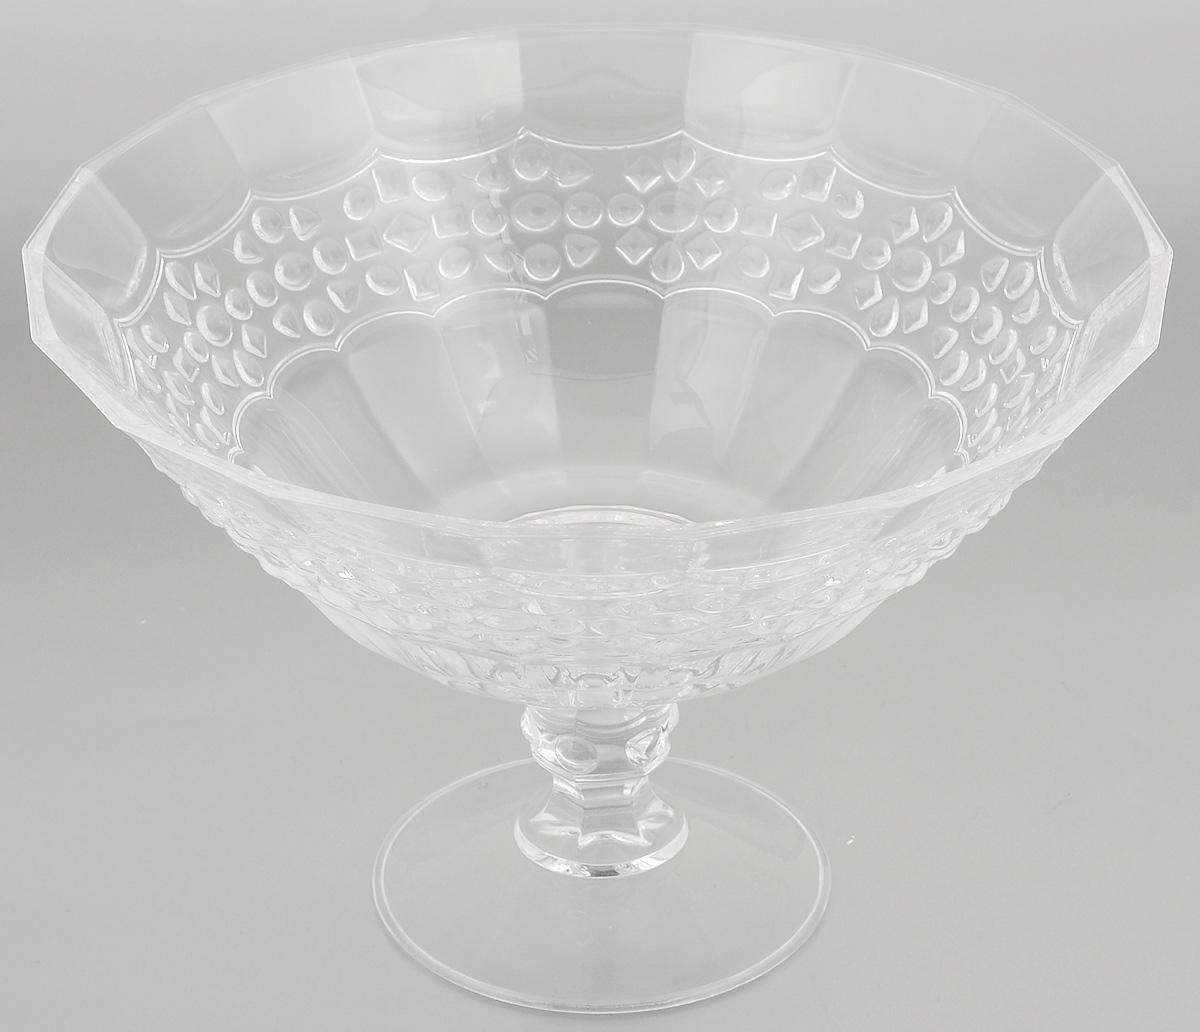 Салатник Cristal dArques Allure, диаметр 25,5 смG5667Салатник Cristal dArques Allure изготовлен из из специально разработанного стекла Diamax в форме большойчаши на ножке, декорирован рельефом. Данный салатник сочетает в себе изысканный дизайн с максимальной функциональностью. Он прекрасно впишется в интерьер вашей кухни и станет достойным дополнением к кухонному инвентарю. Такой салатник не только украсит ваш кухонный стол и подчеркнет прекрасный вкусхозяйки, но и станет отличным подарком.Диаметр (по верхнему краю): 25,5 см.Высота: 17 см.Диаметр основания: 11 см.